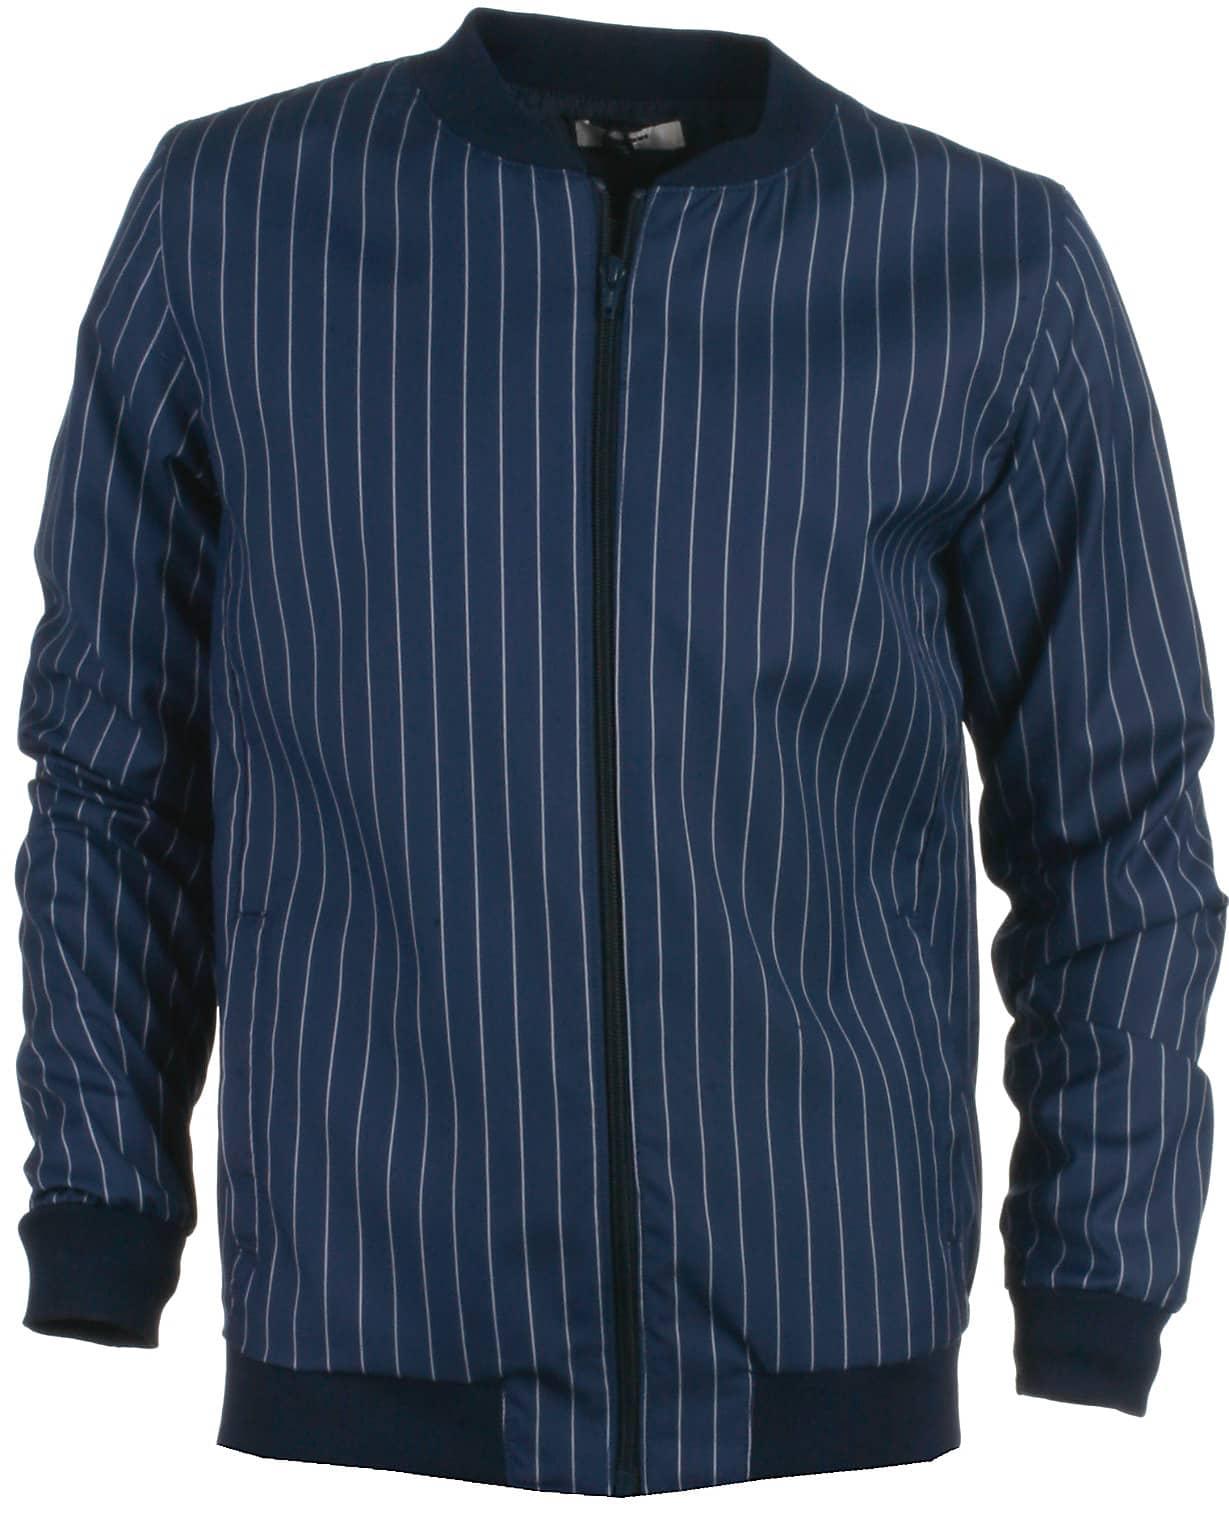 Jakker Se vores flotte udvalg af jakker og blazere